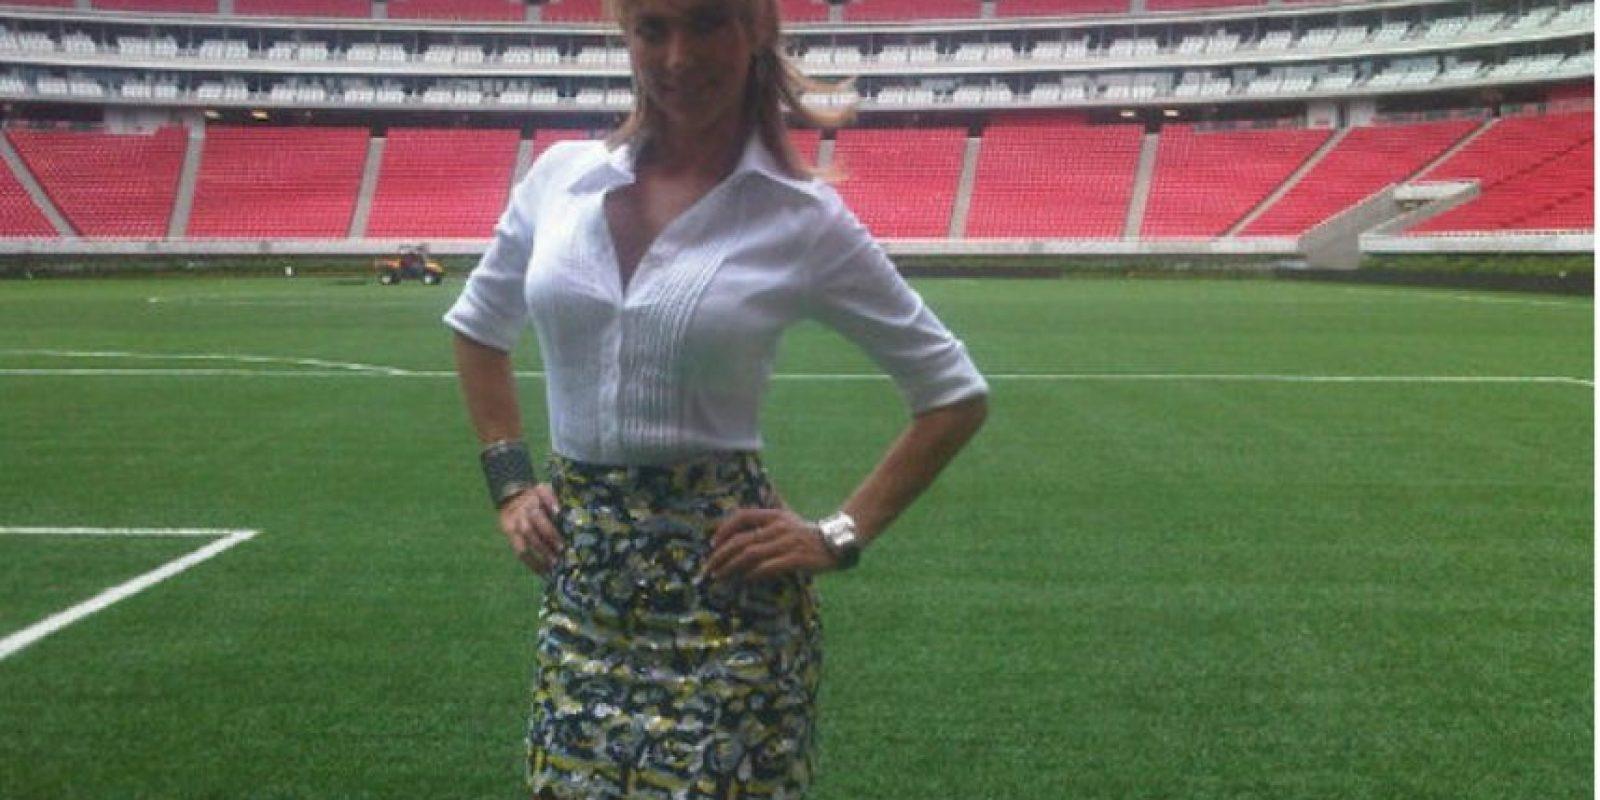 Según la reportera los jugadores del equipo de la NFL la incomodaron mientras esperaba a Sánchez en el vestidor del equipo Foto:Twitter: @InesSainzG